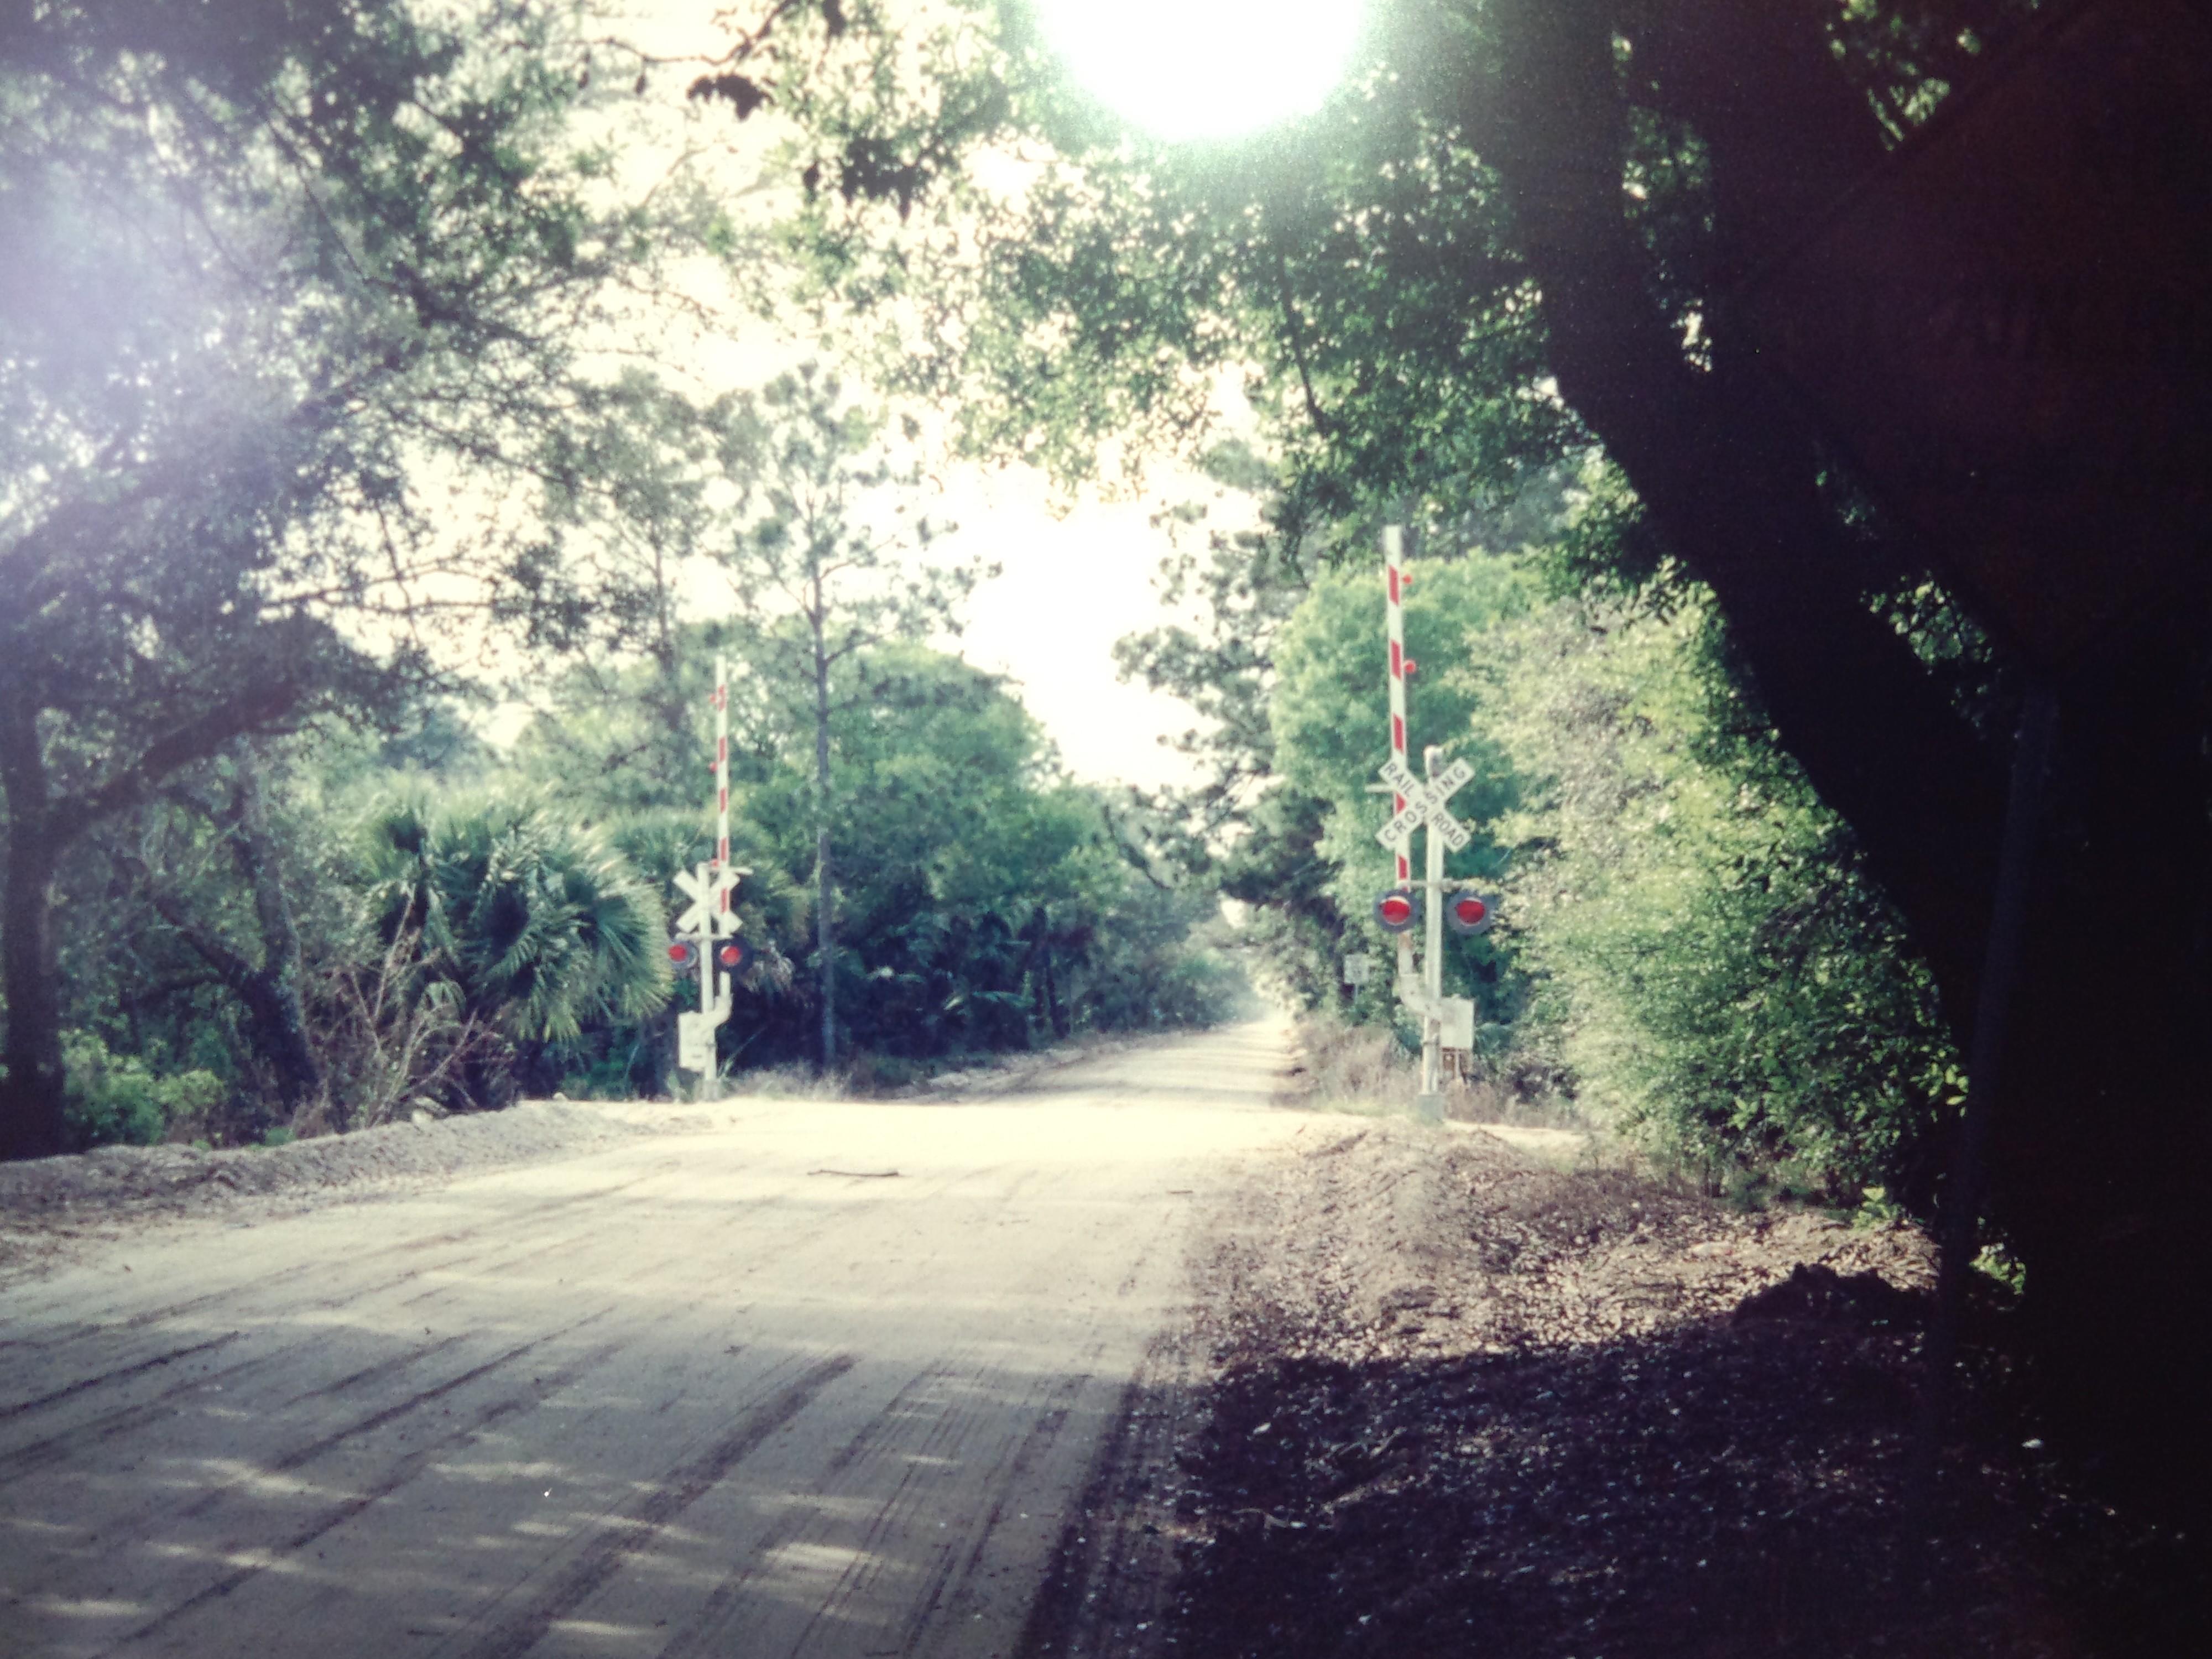 Martin Grade RR crossing 1994